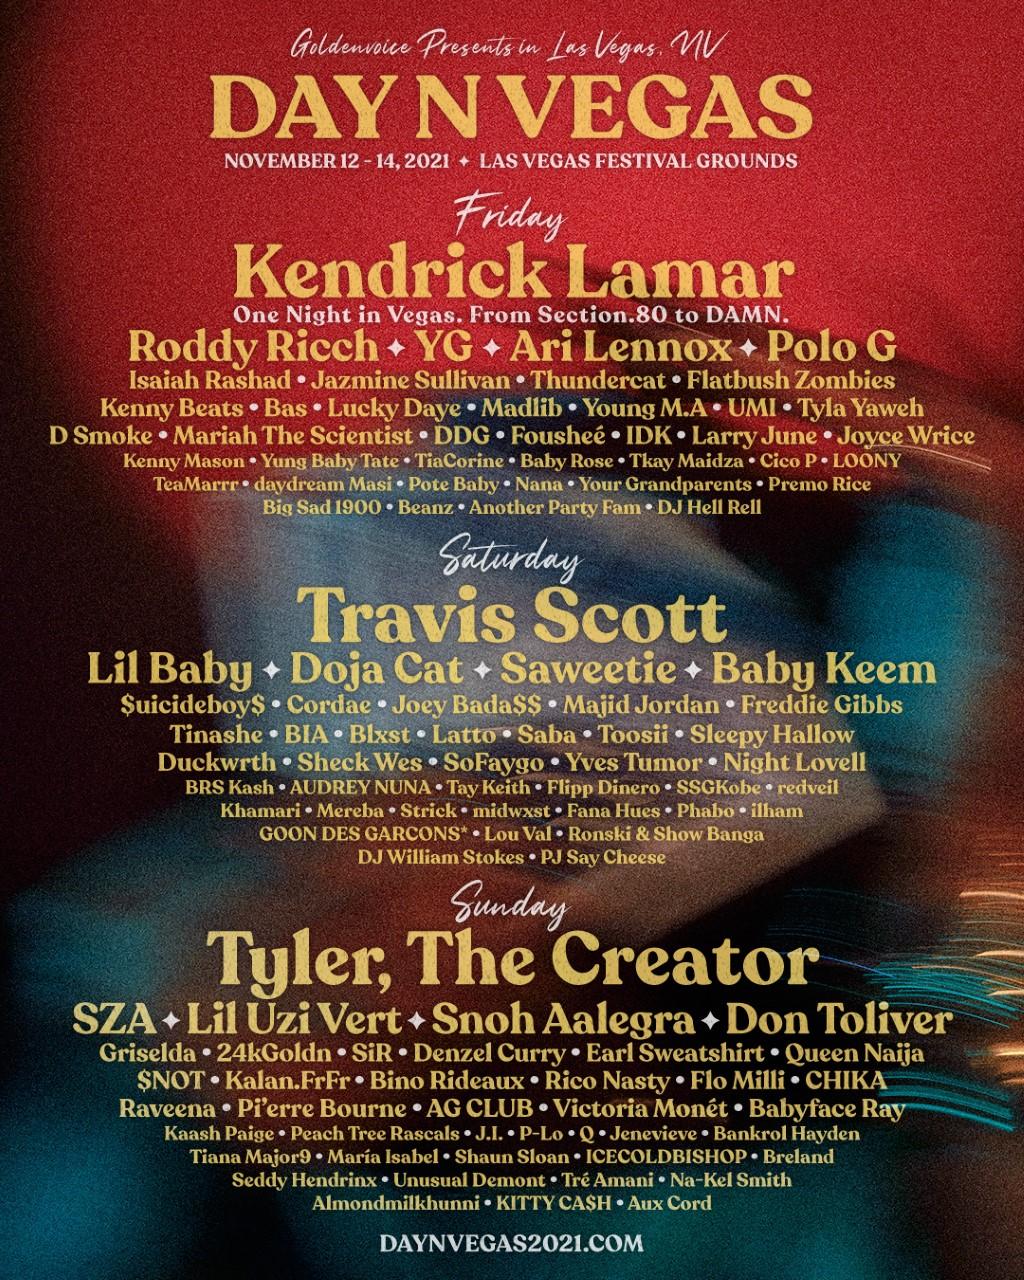 Day N Vegas 2021 poster